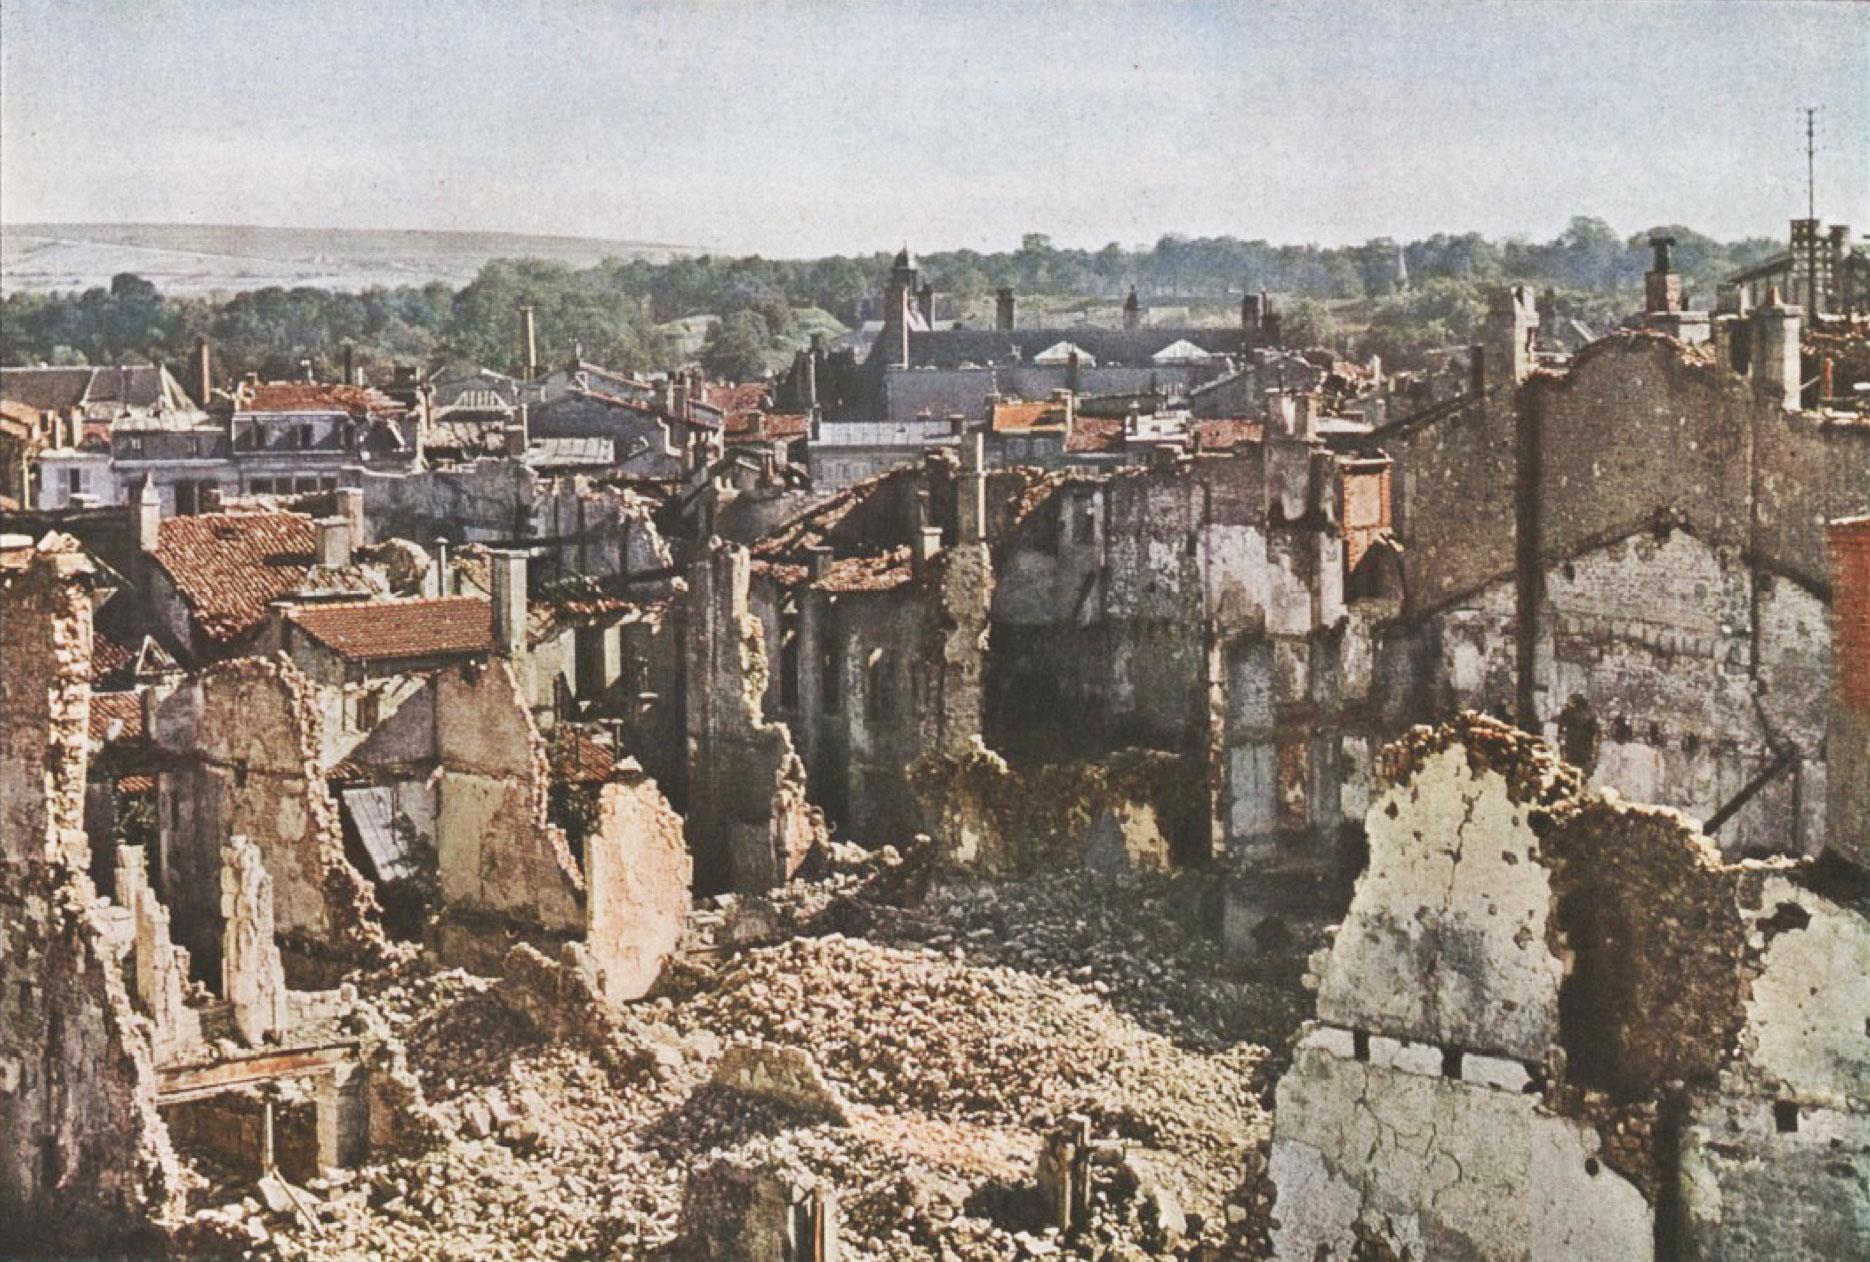 Gervais-Courtellemont: Yfirsýn yfir borgina.